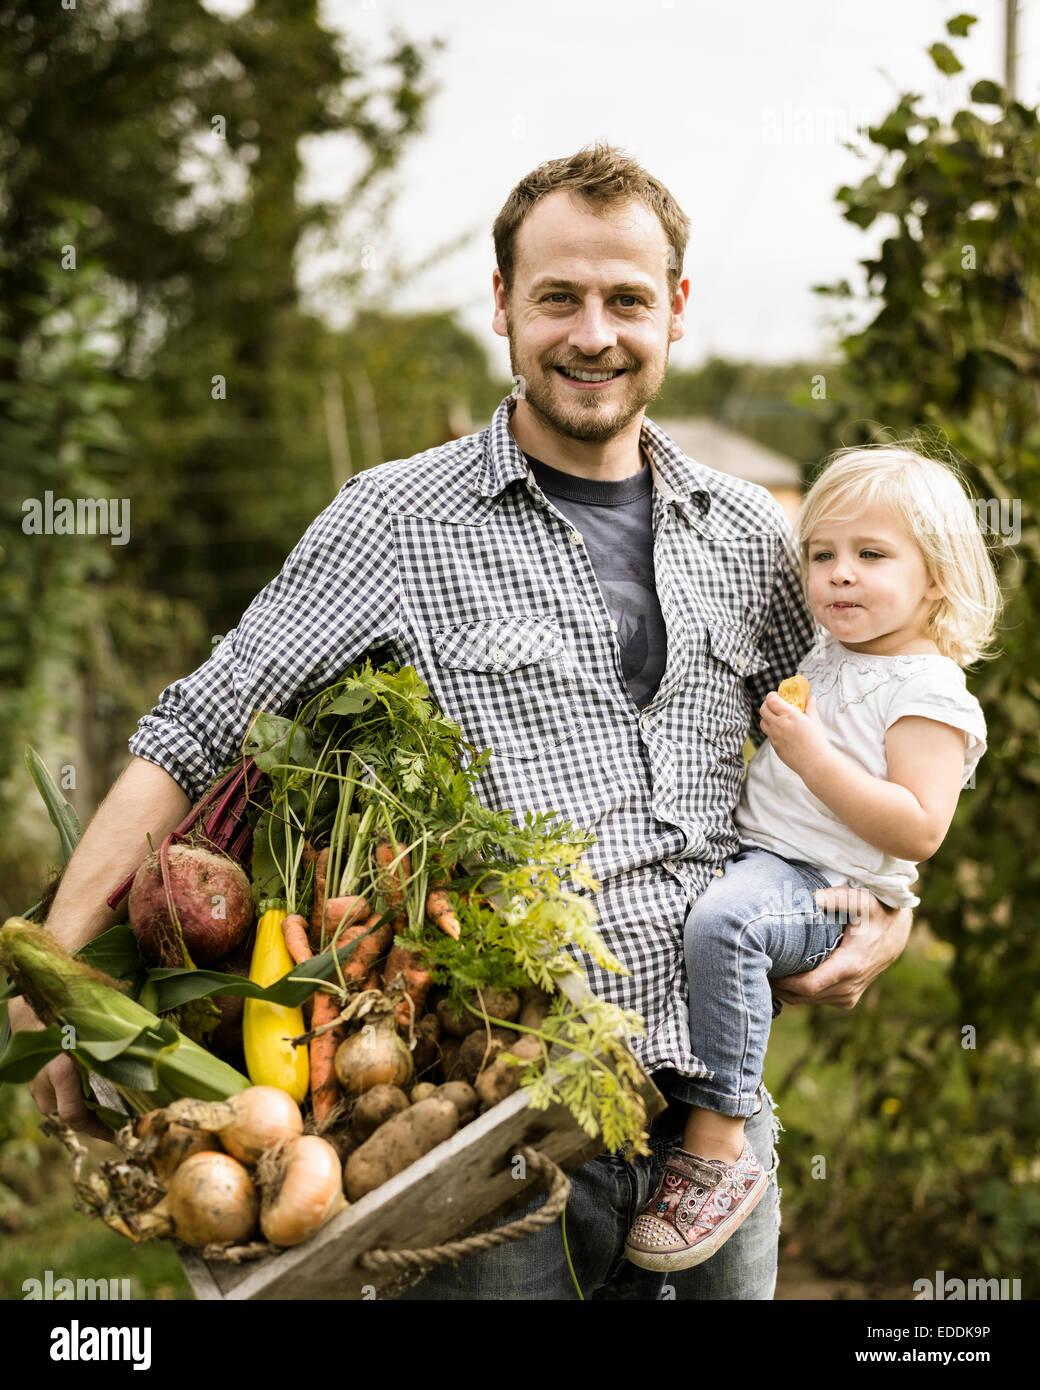 Mann in seiner Zuteilung mit seiner Tochter, Lächeln, halten eine Kiste voller frisch geerntete Gemüse. Stockbild